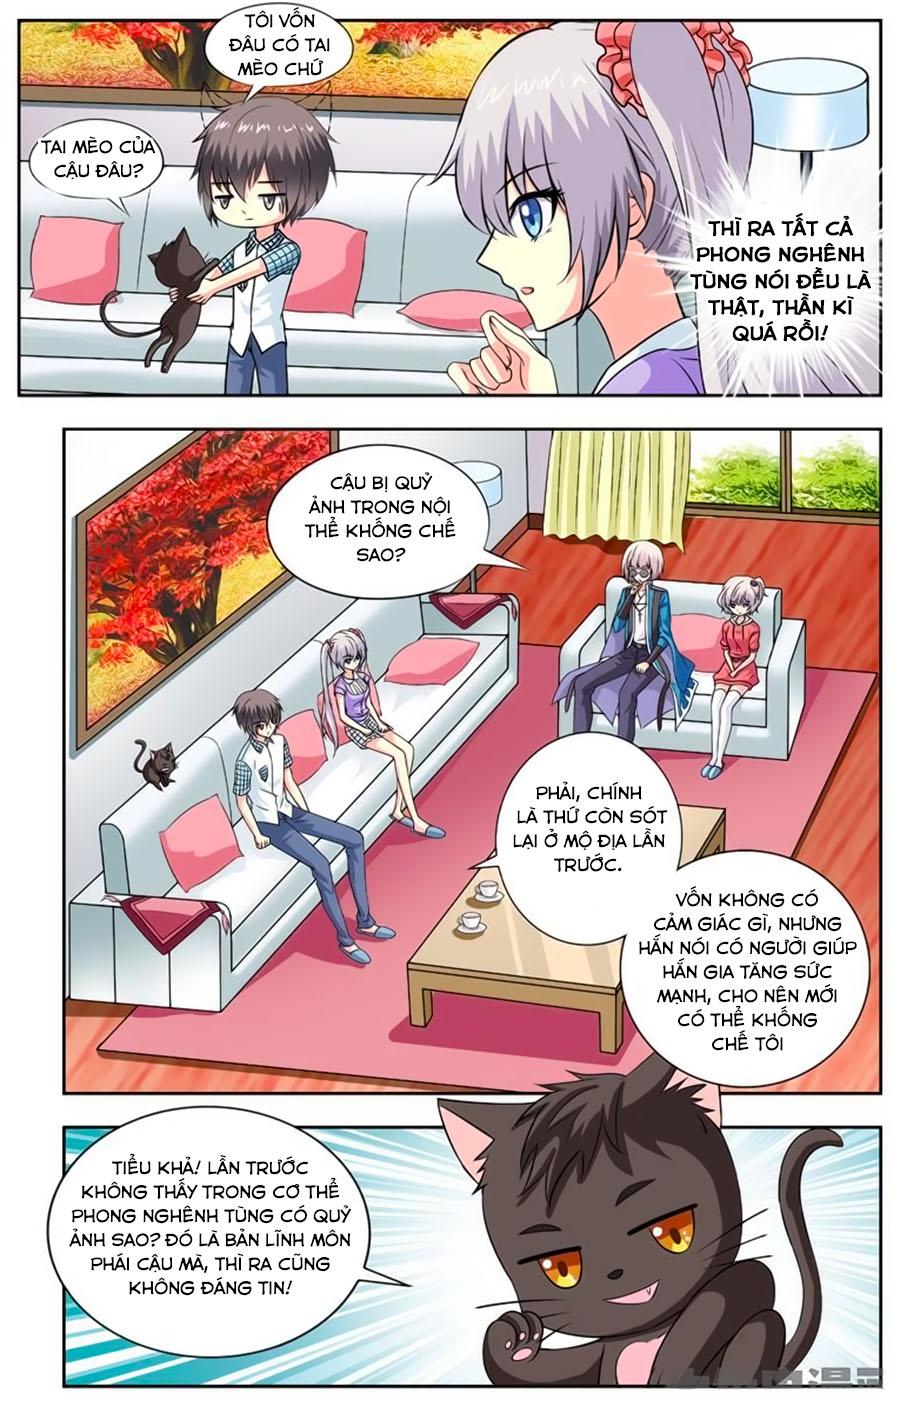 Nam Thần Của Tôi chap 95 - Trang 2